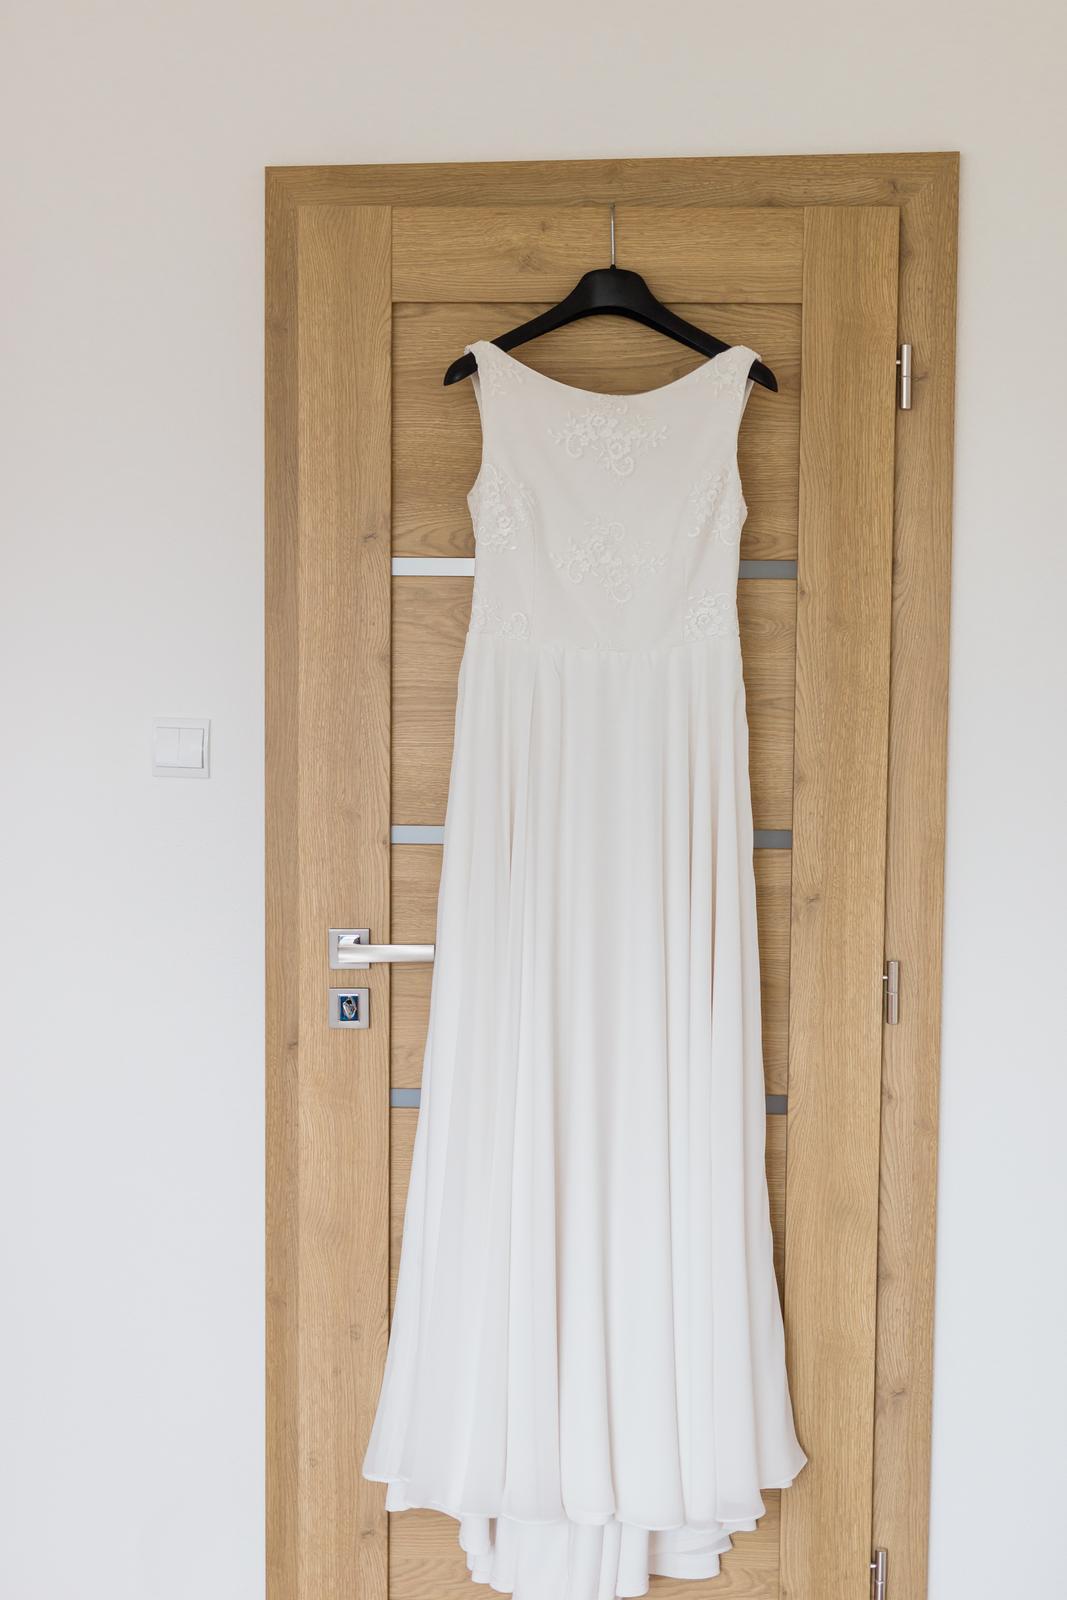 Svadobné šaty s výstrihom na chrbte - Obrázok č. 2